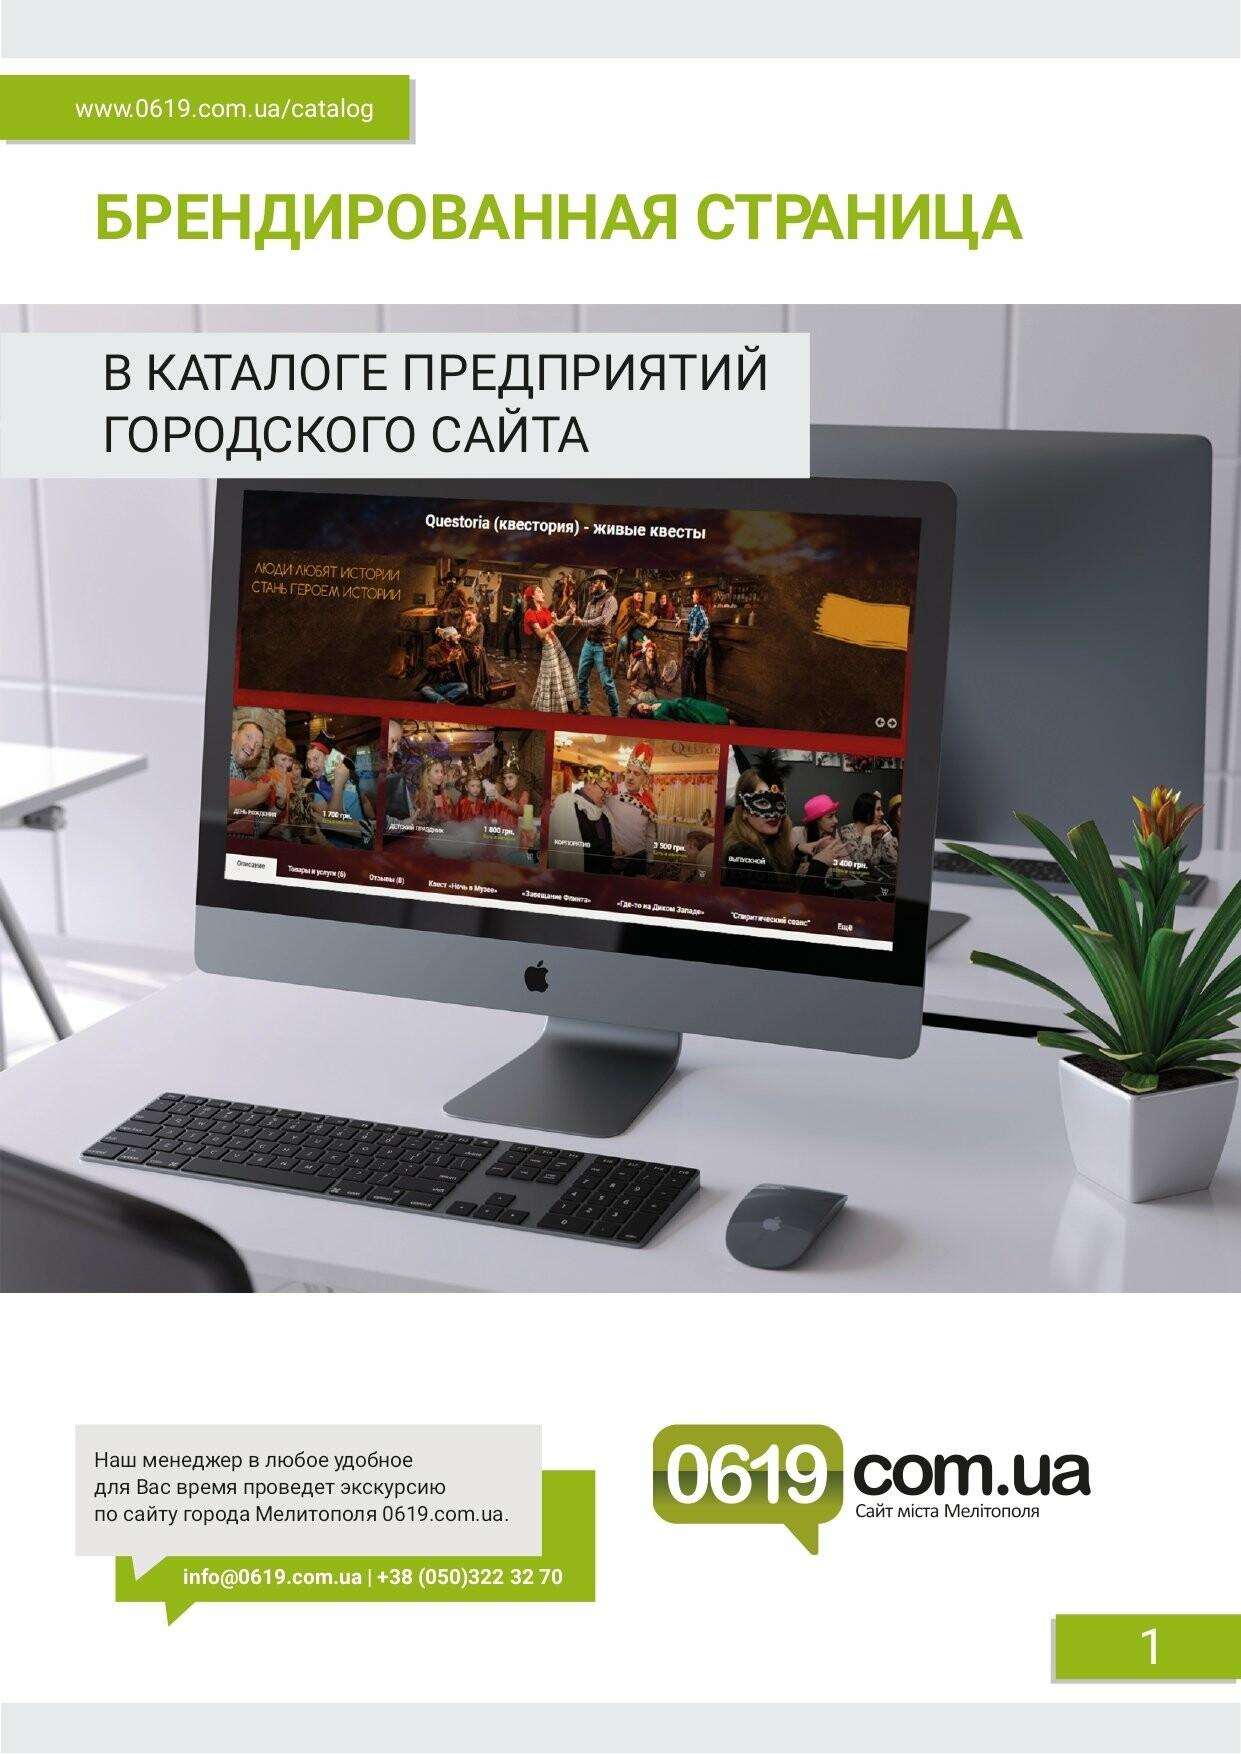 Выгодно и результативно: преимущества размещения товаров и услуг на сайте сети Сity Sites, фото-1